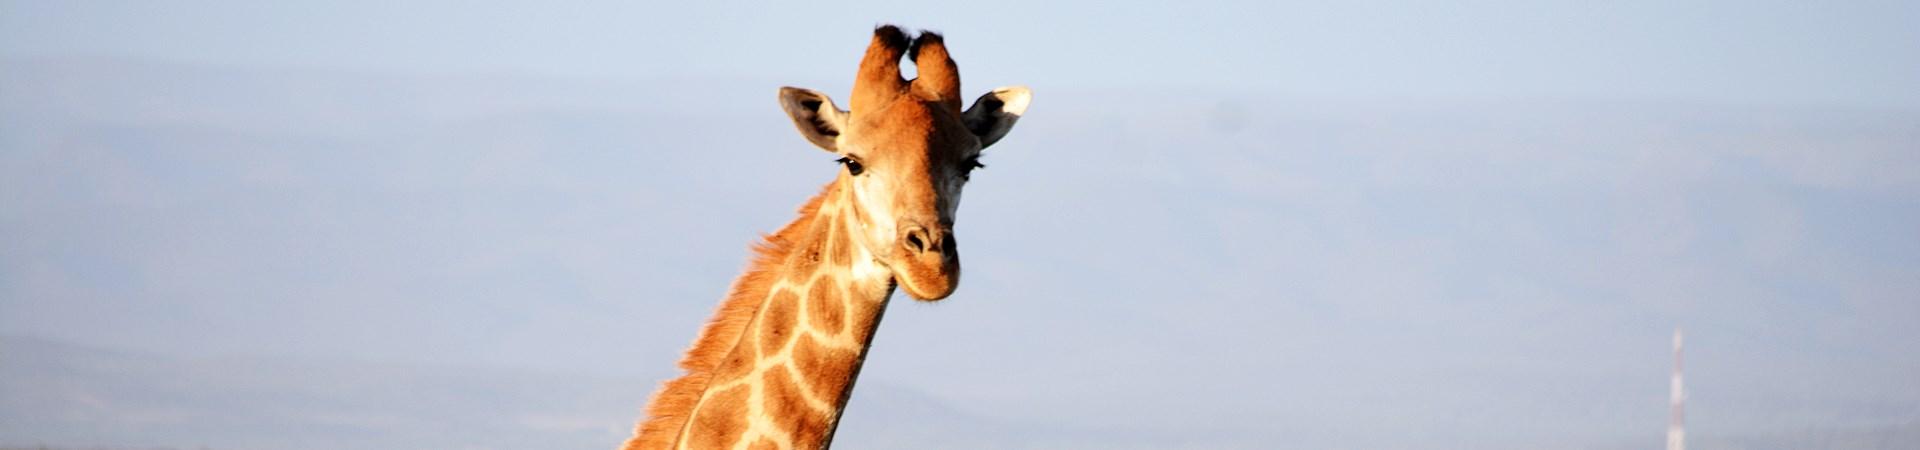 Giraffe at Kududu Game Reserve